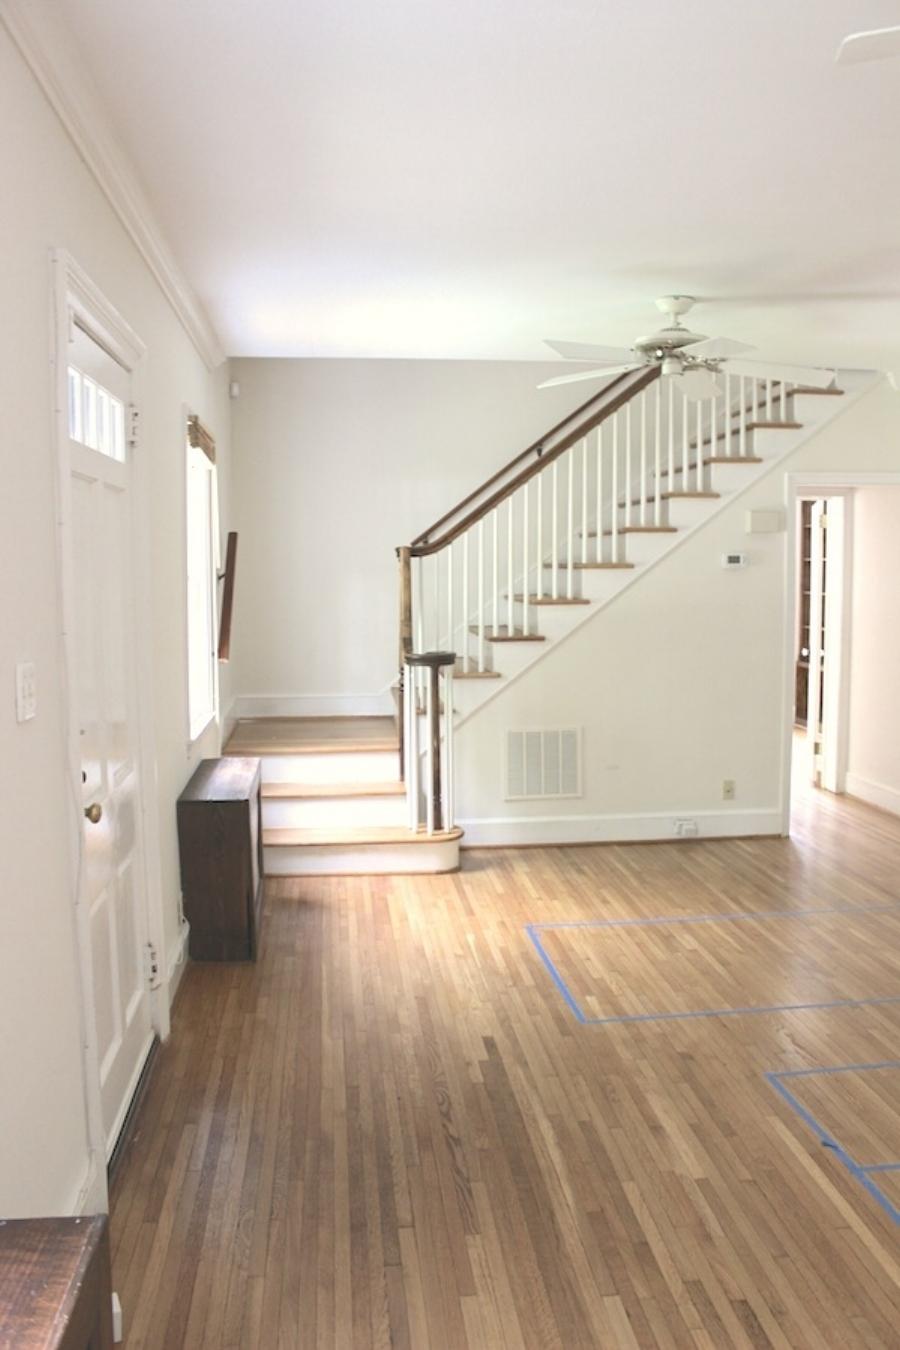 front-door-opens-directly-into-living-room.jpg